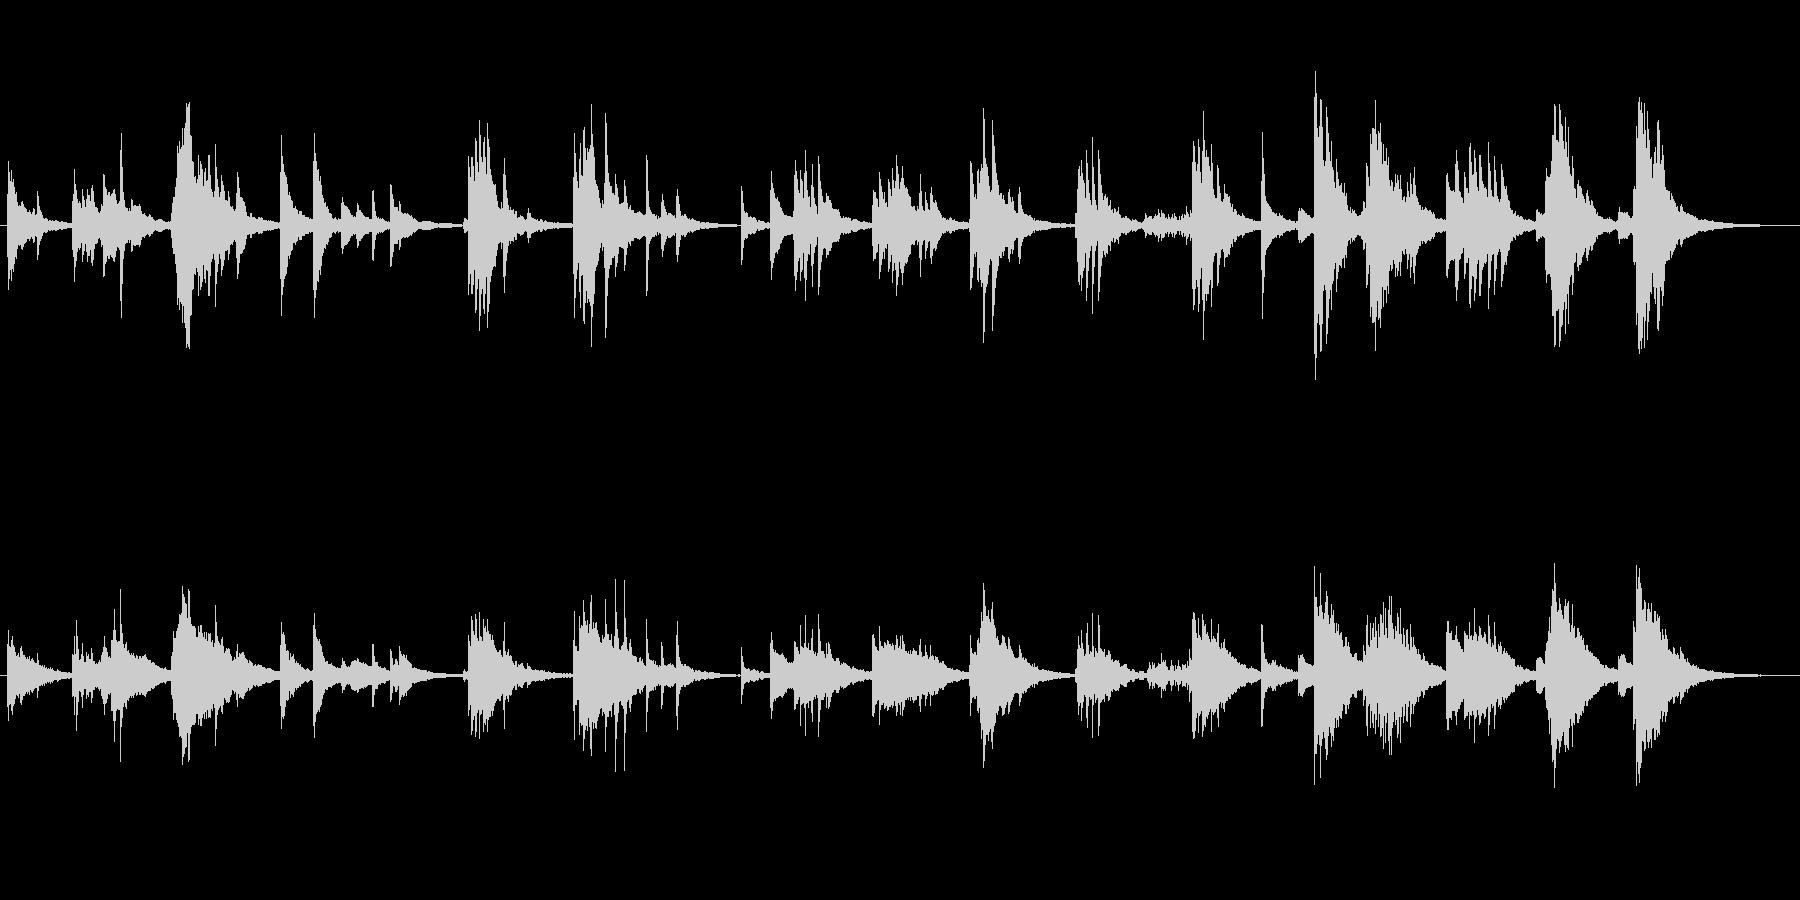 美しいピアノソロの未再生の波形